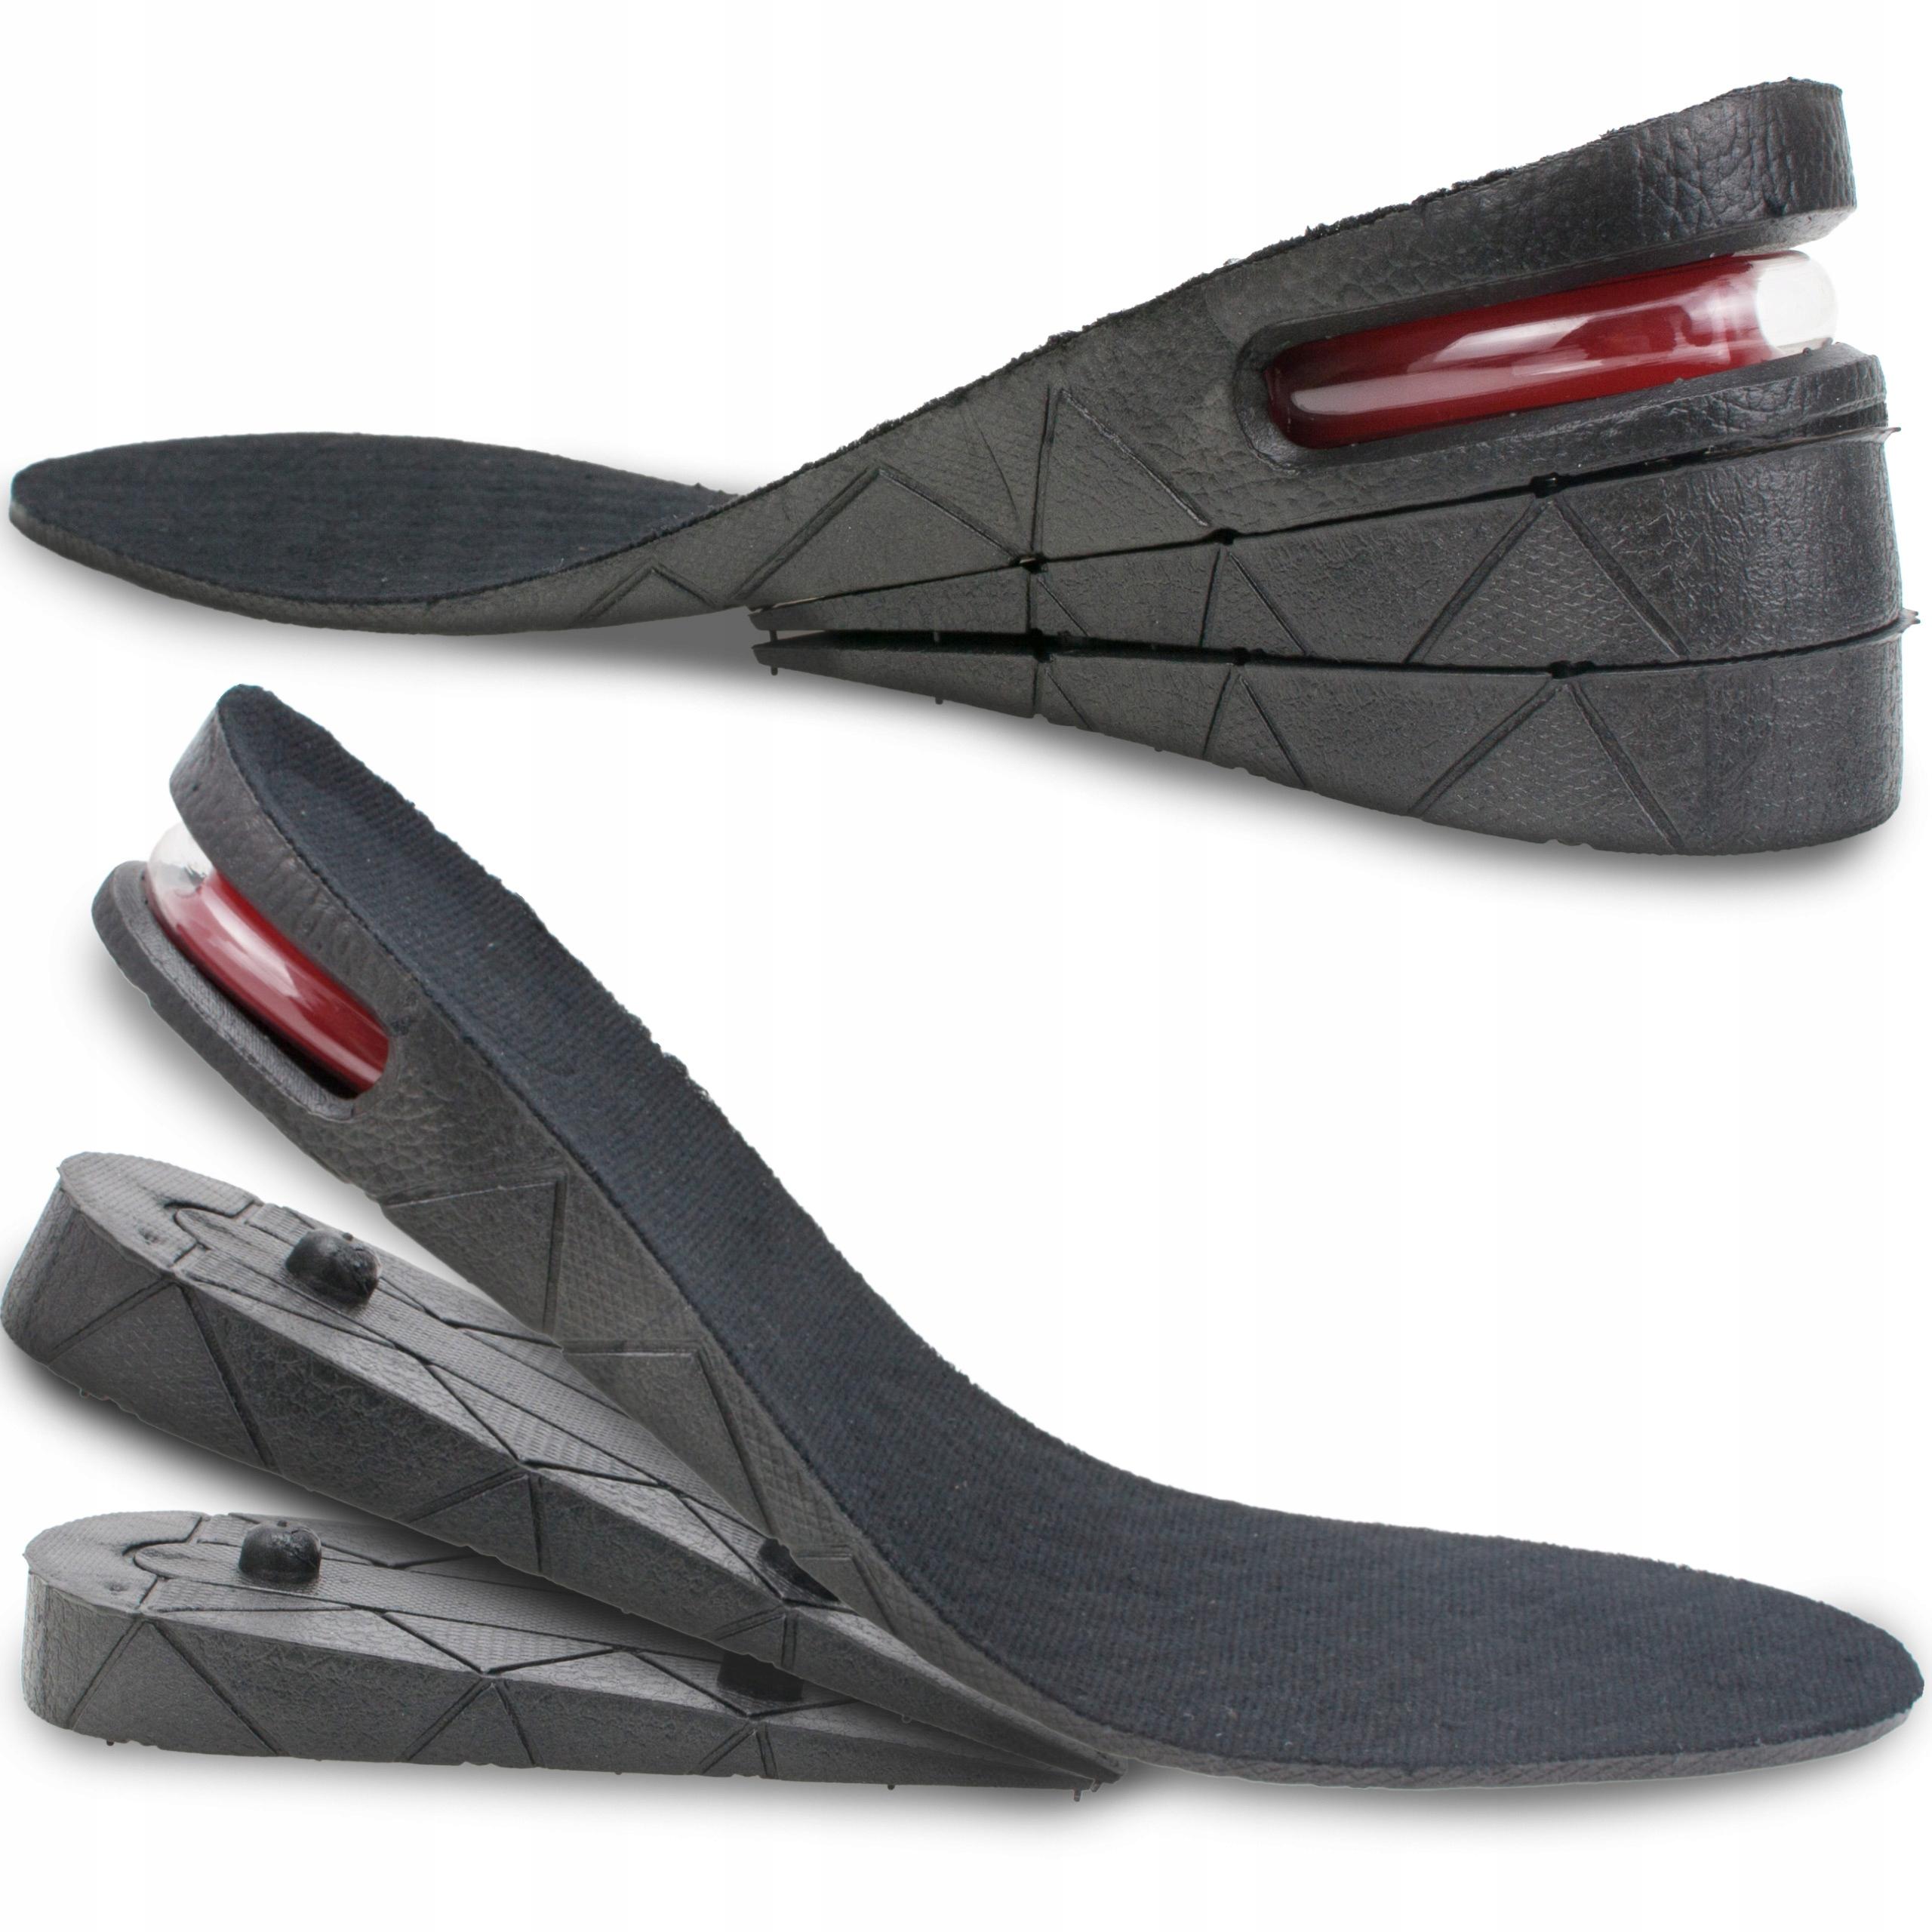 Увеличение стельки для обуви увеличение 7 см р35-42